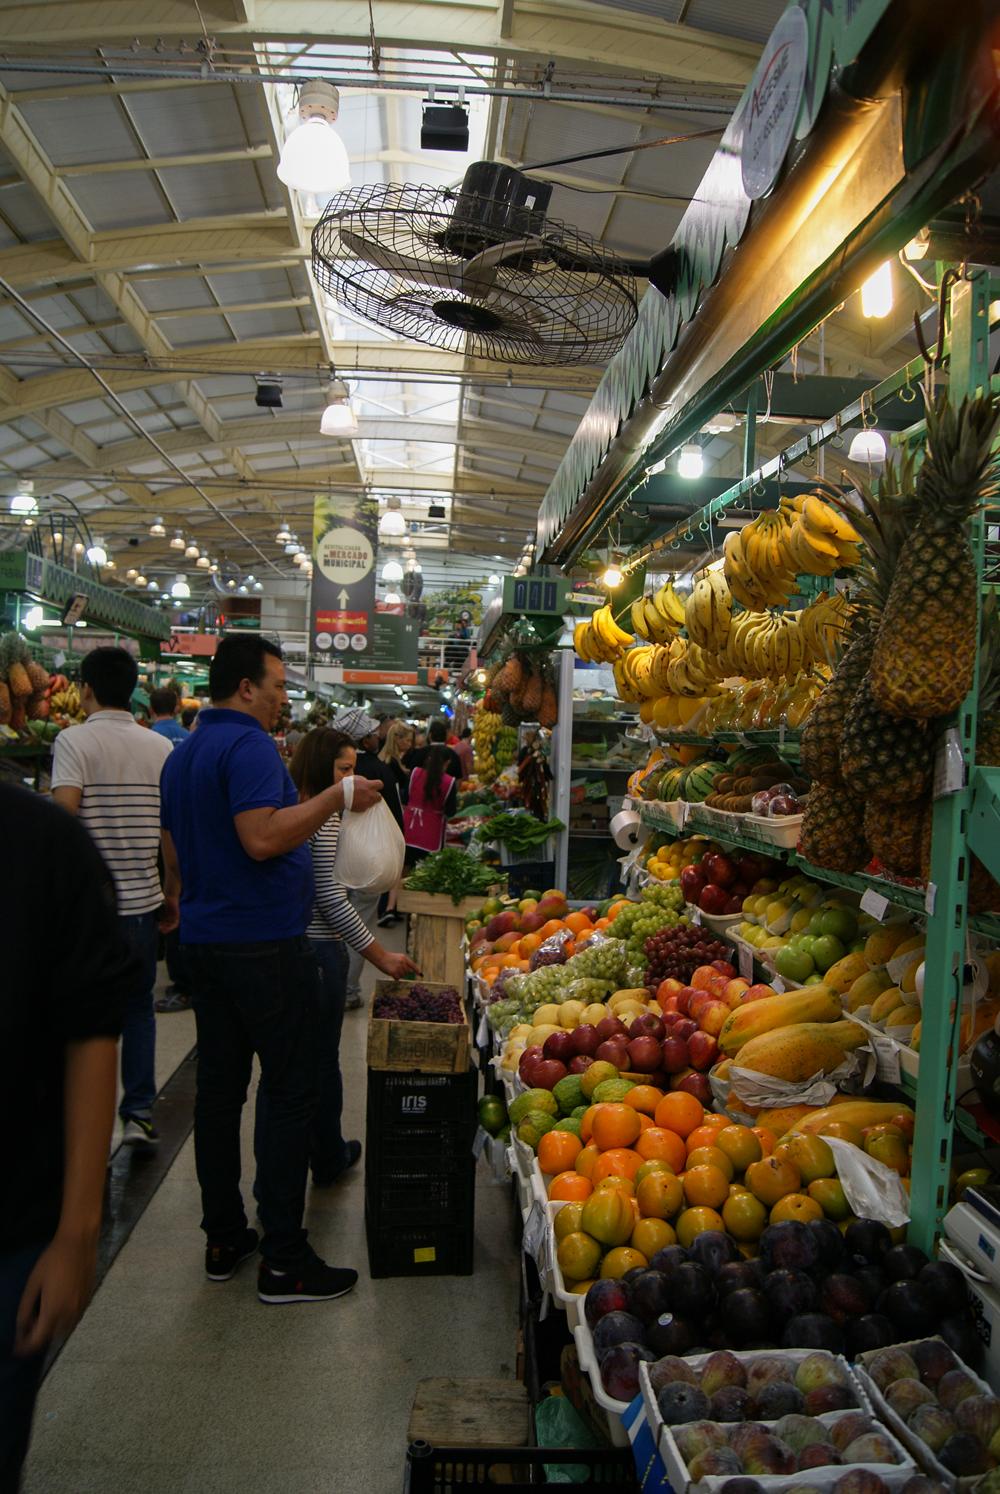 Foto: Alison Henrique/Divulgação   5 dicas para descobrir o Mercado Municipal de Curitiba   Visite o Mercado Municipal de Curitiba!